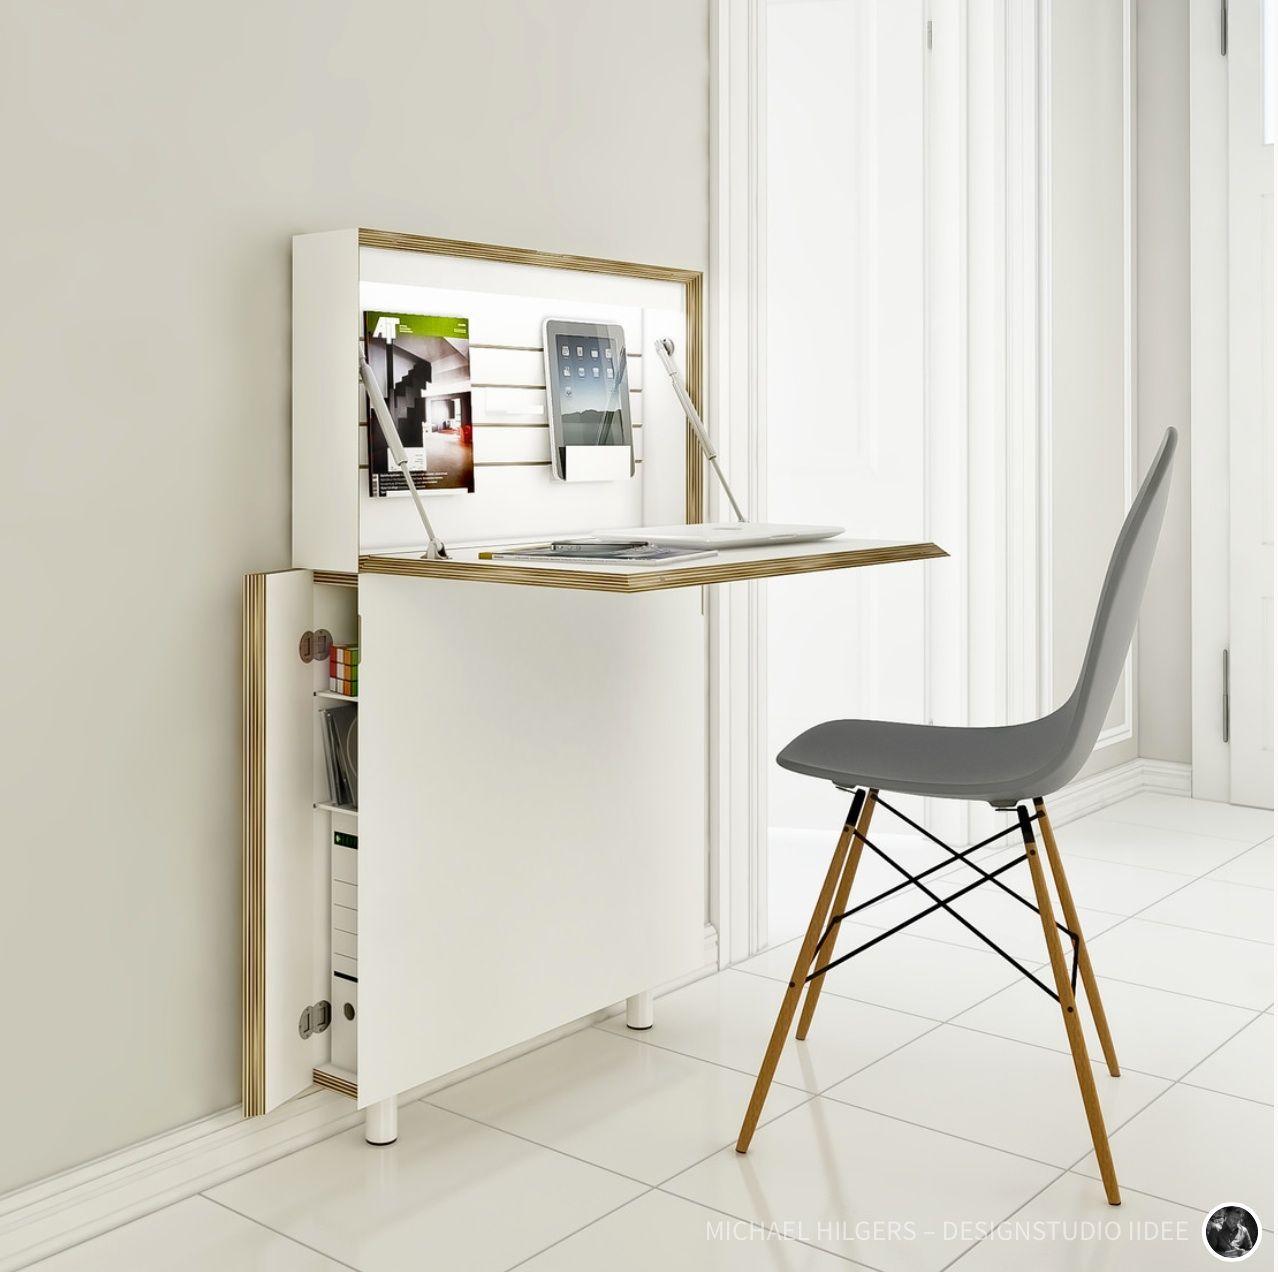 scrivania all in one Scrivania design, Tavolo pieghevole